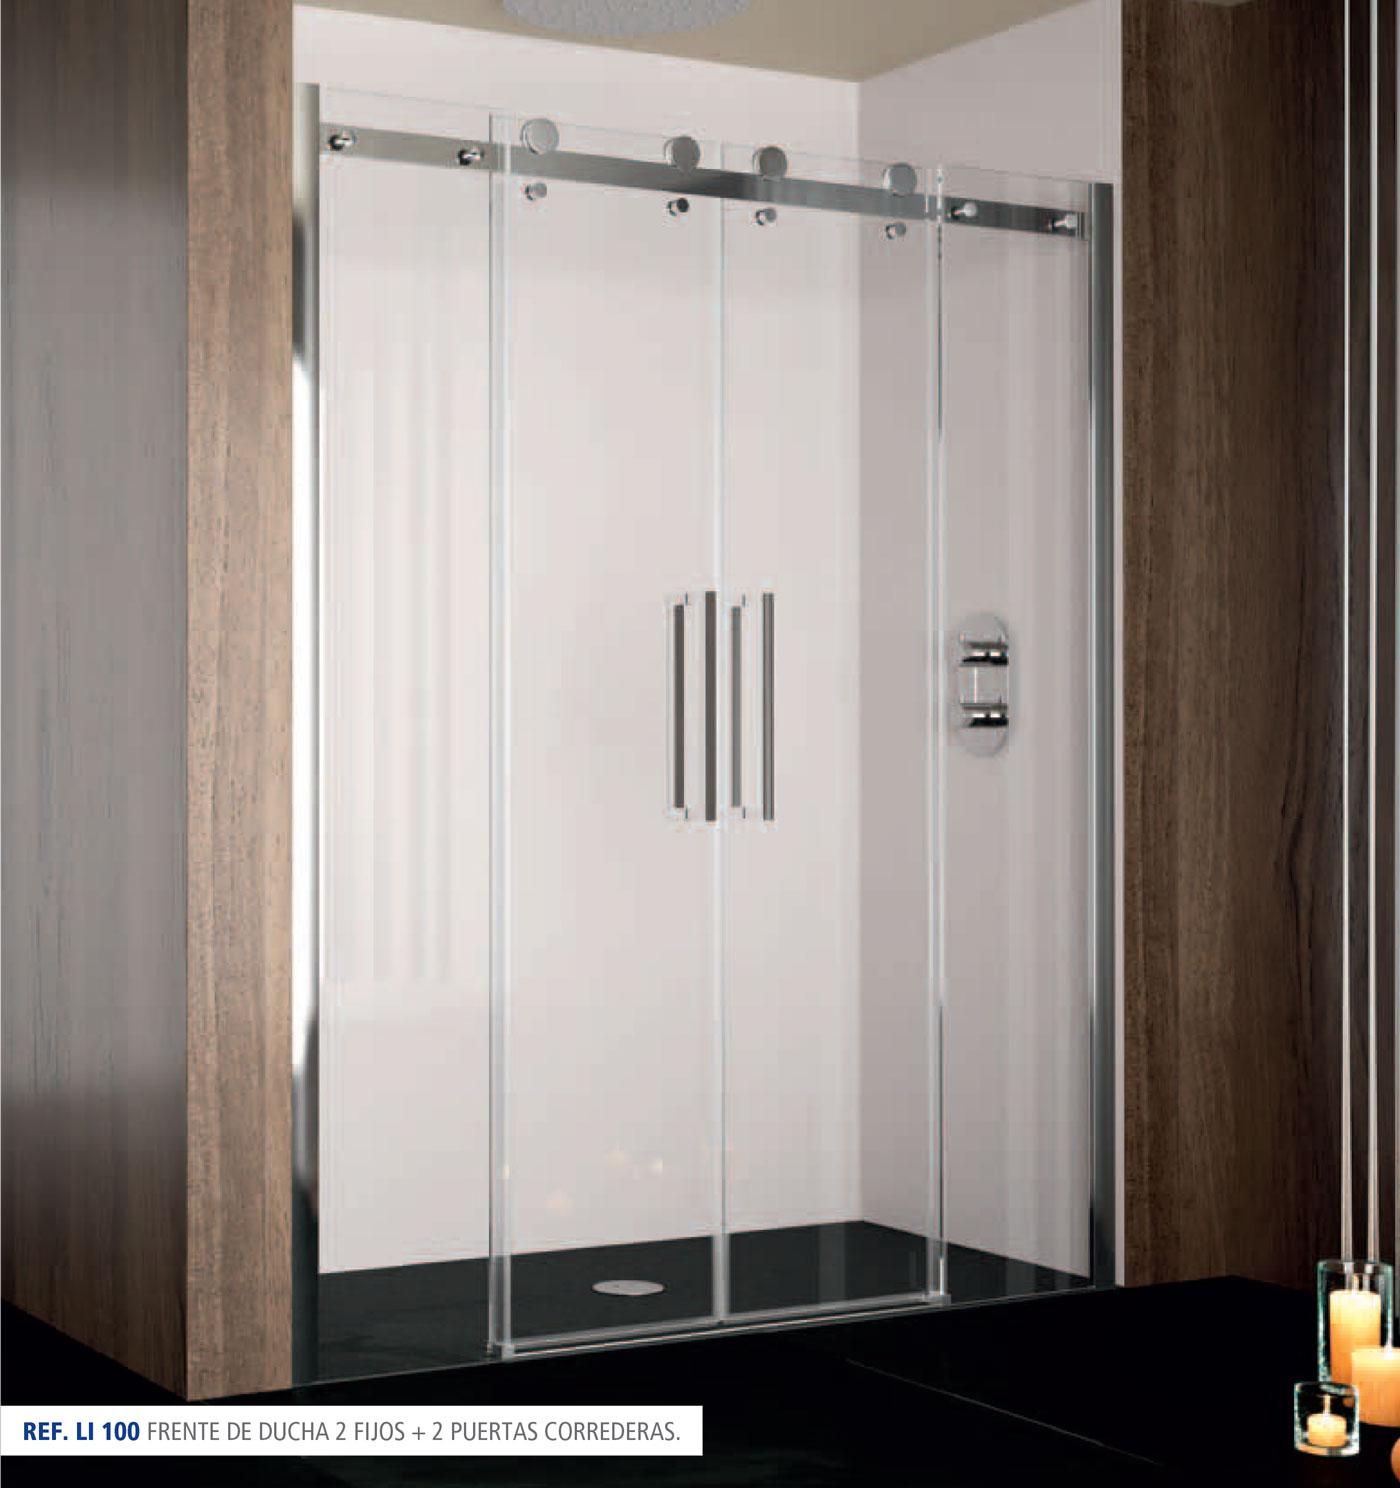 Mamparas de ducha inalsan - Mamparas de bano madrid ...